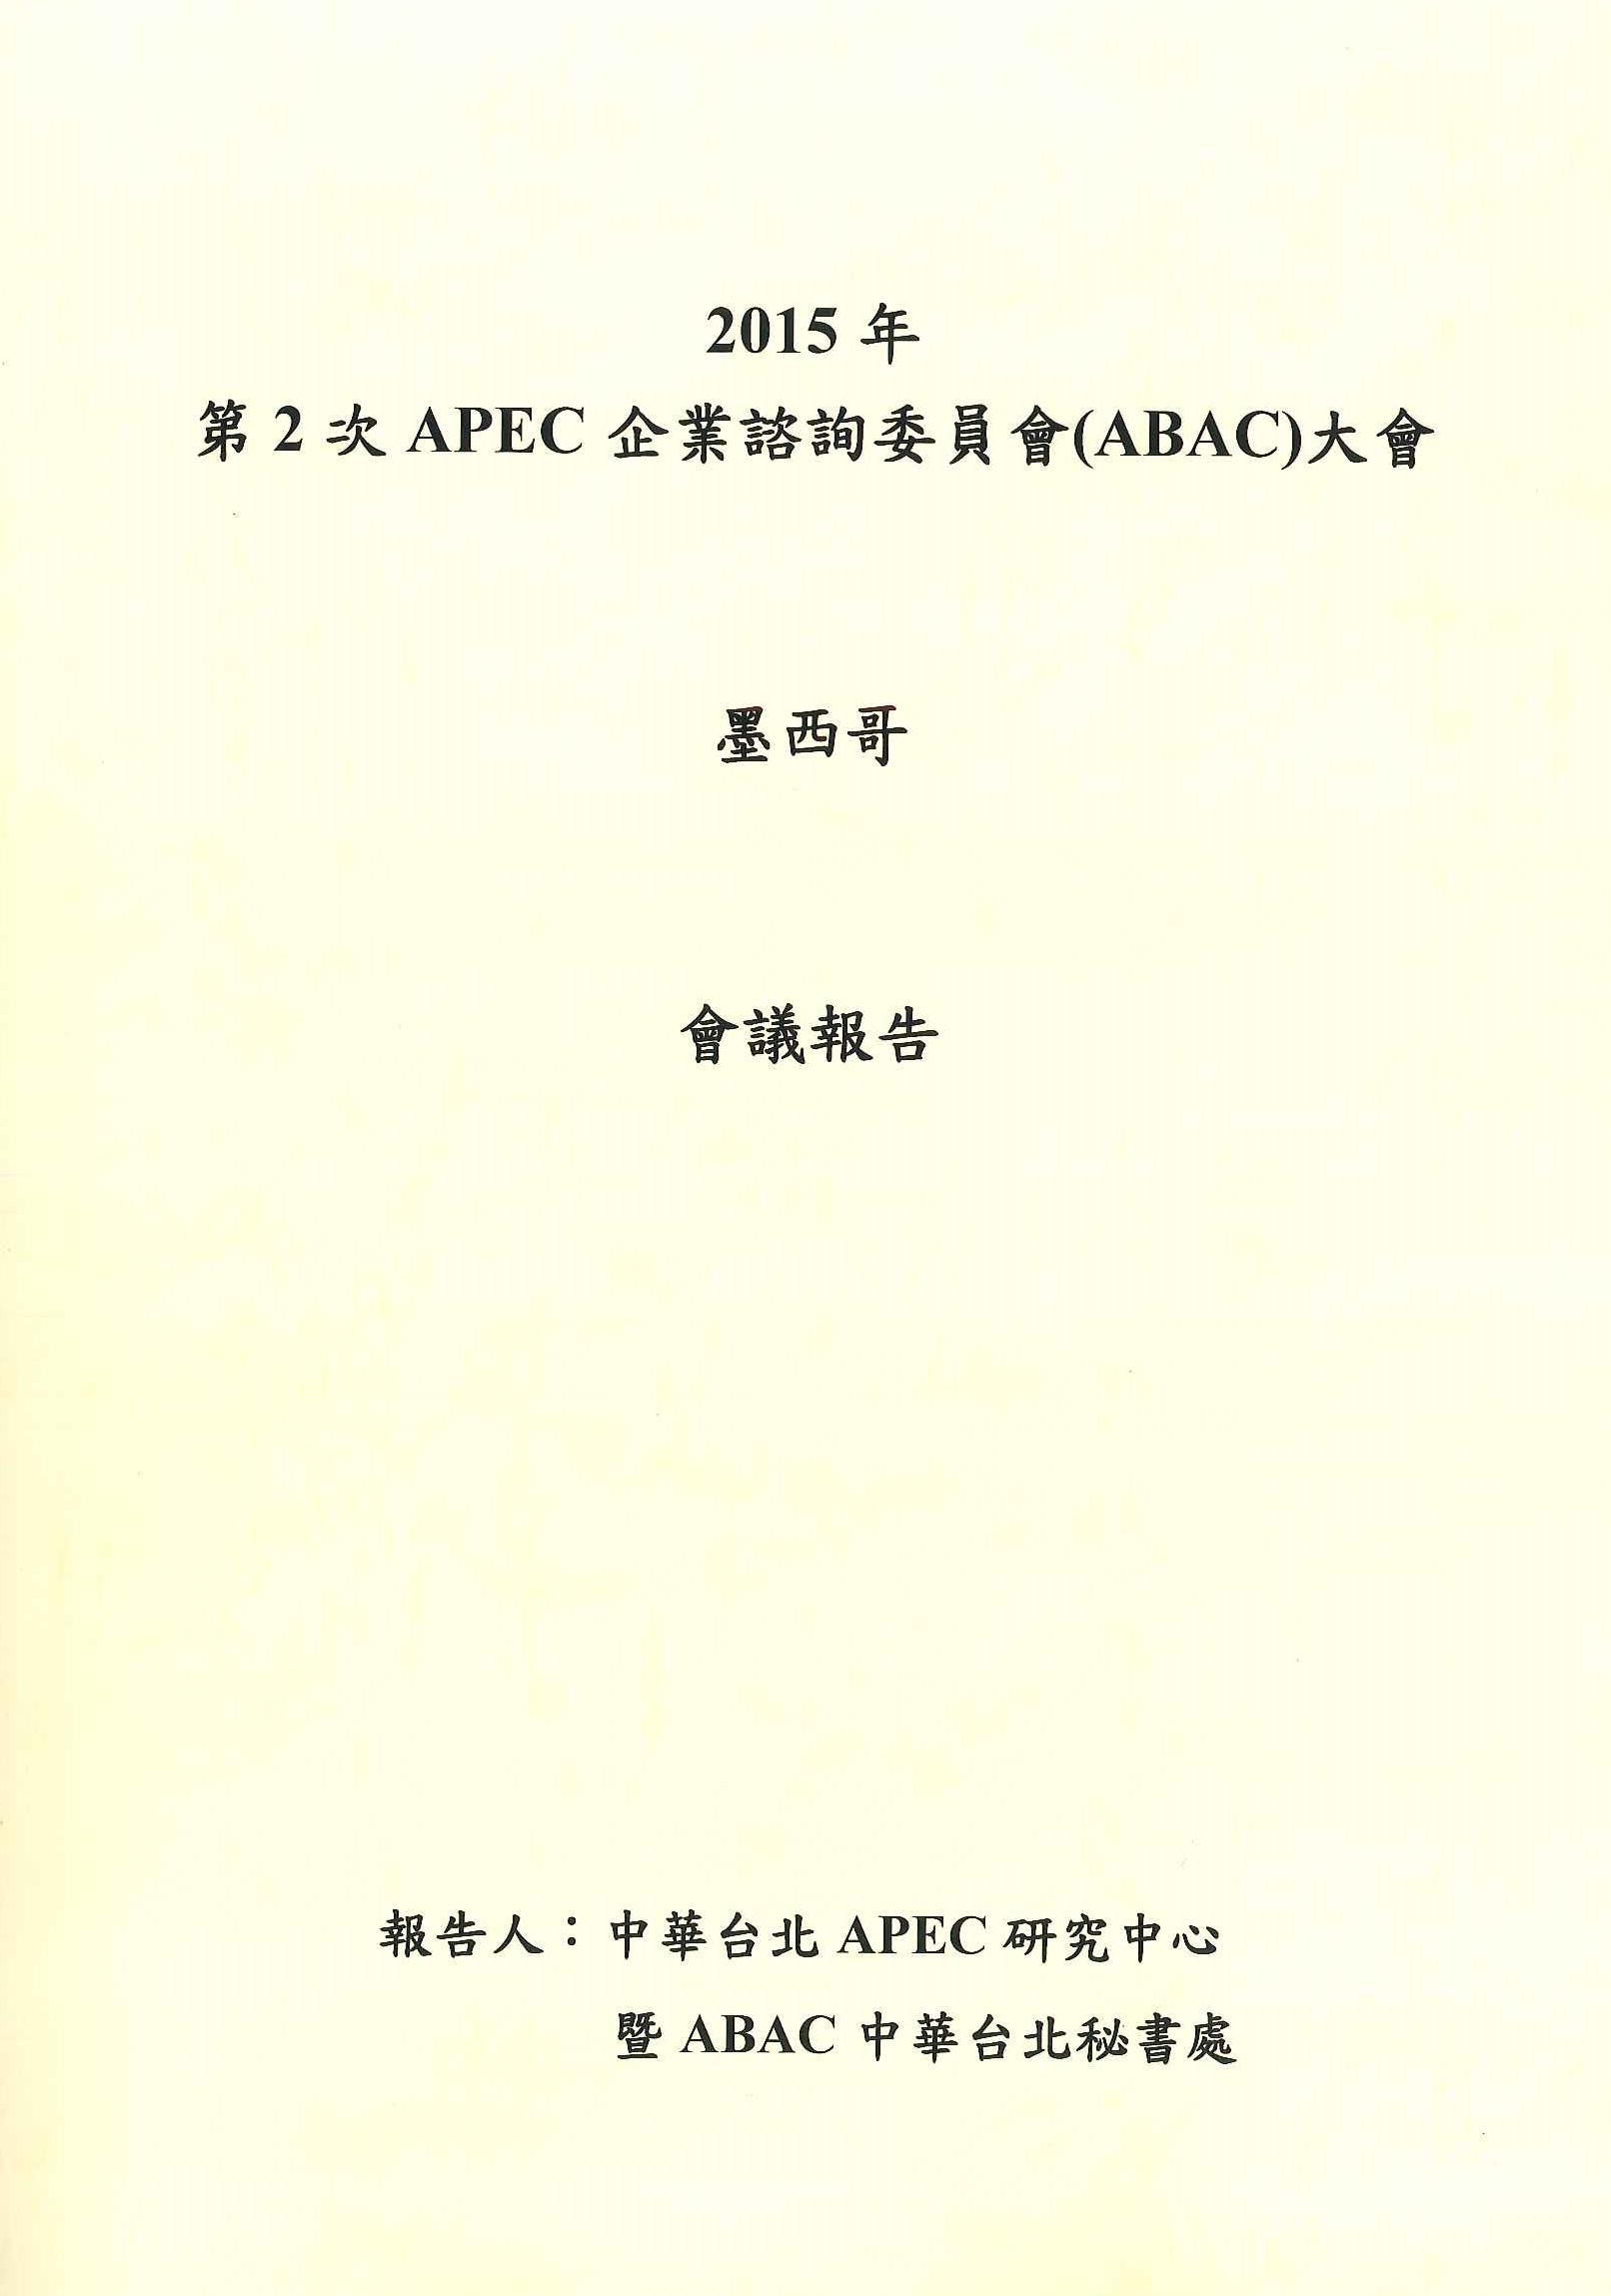 2015年第2次APEC企業諮詢委員會(ABAC)大會墨西哥會議報告